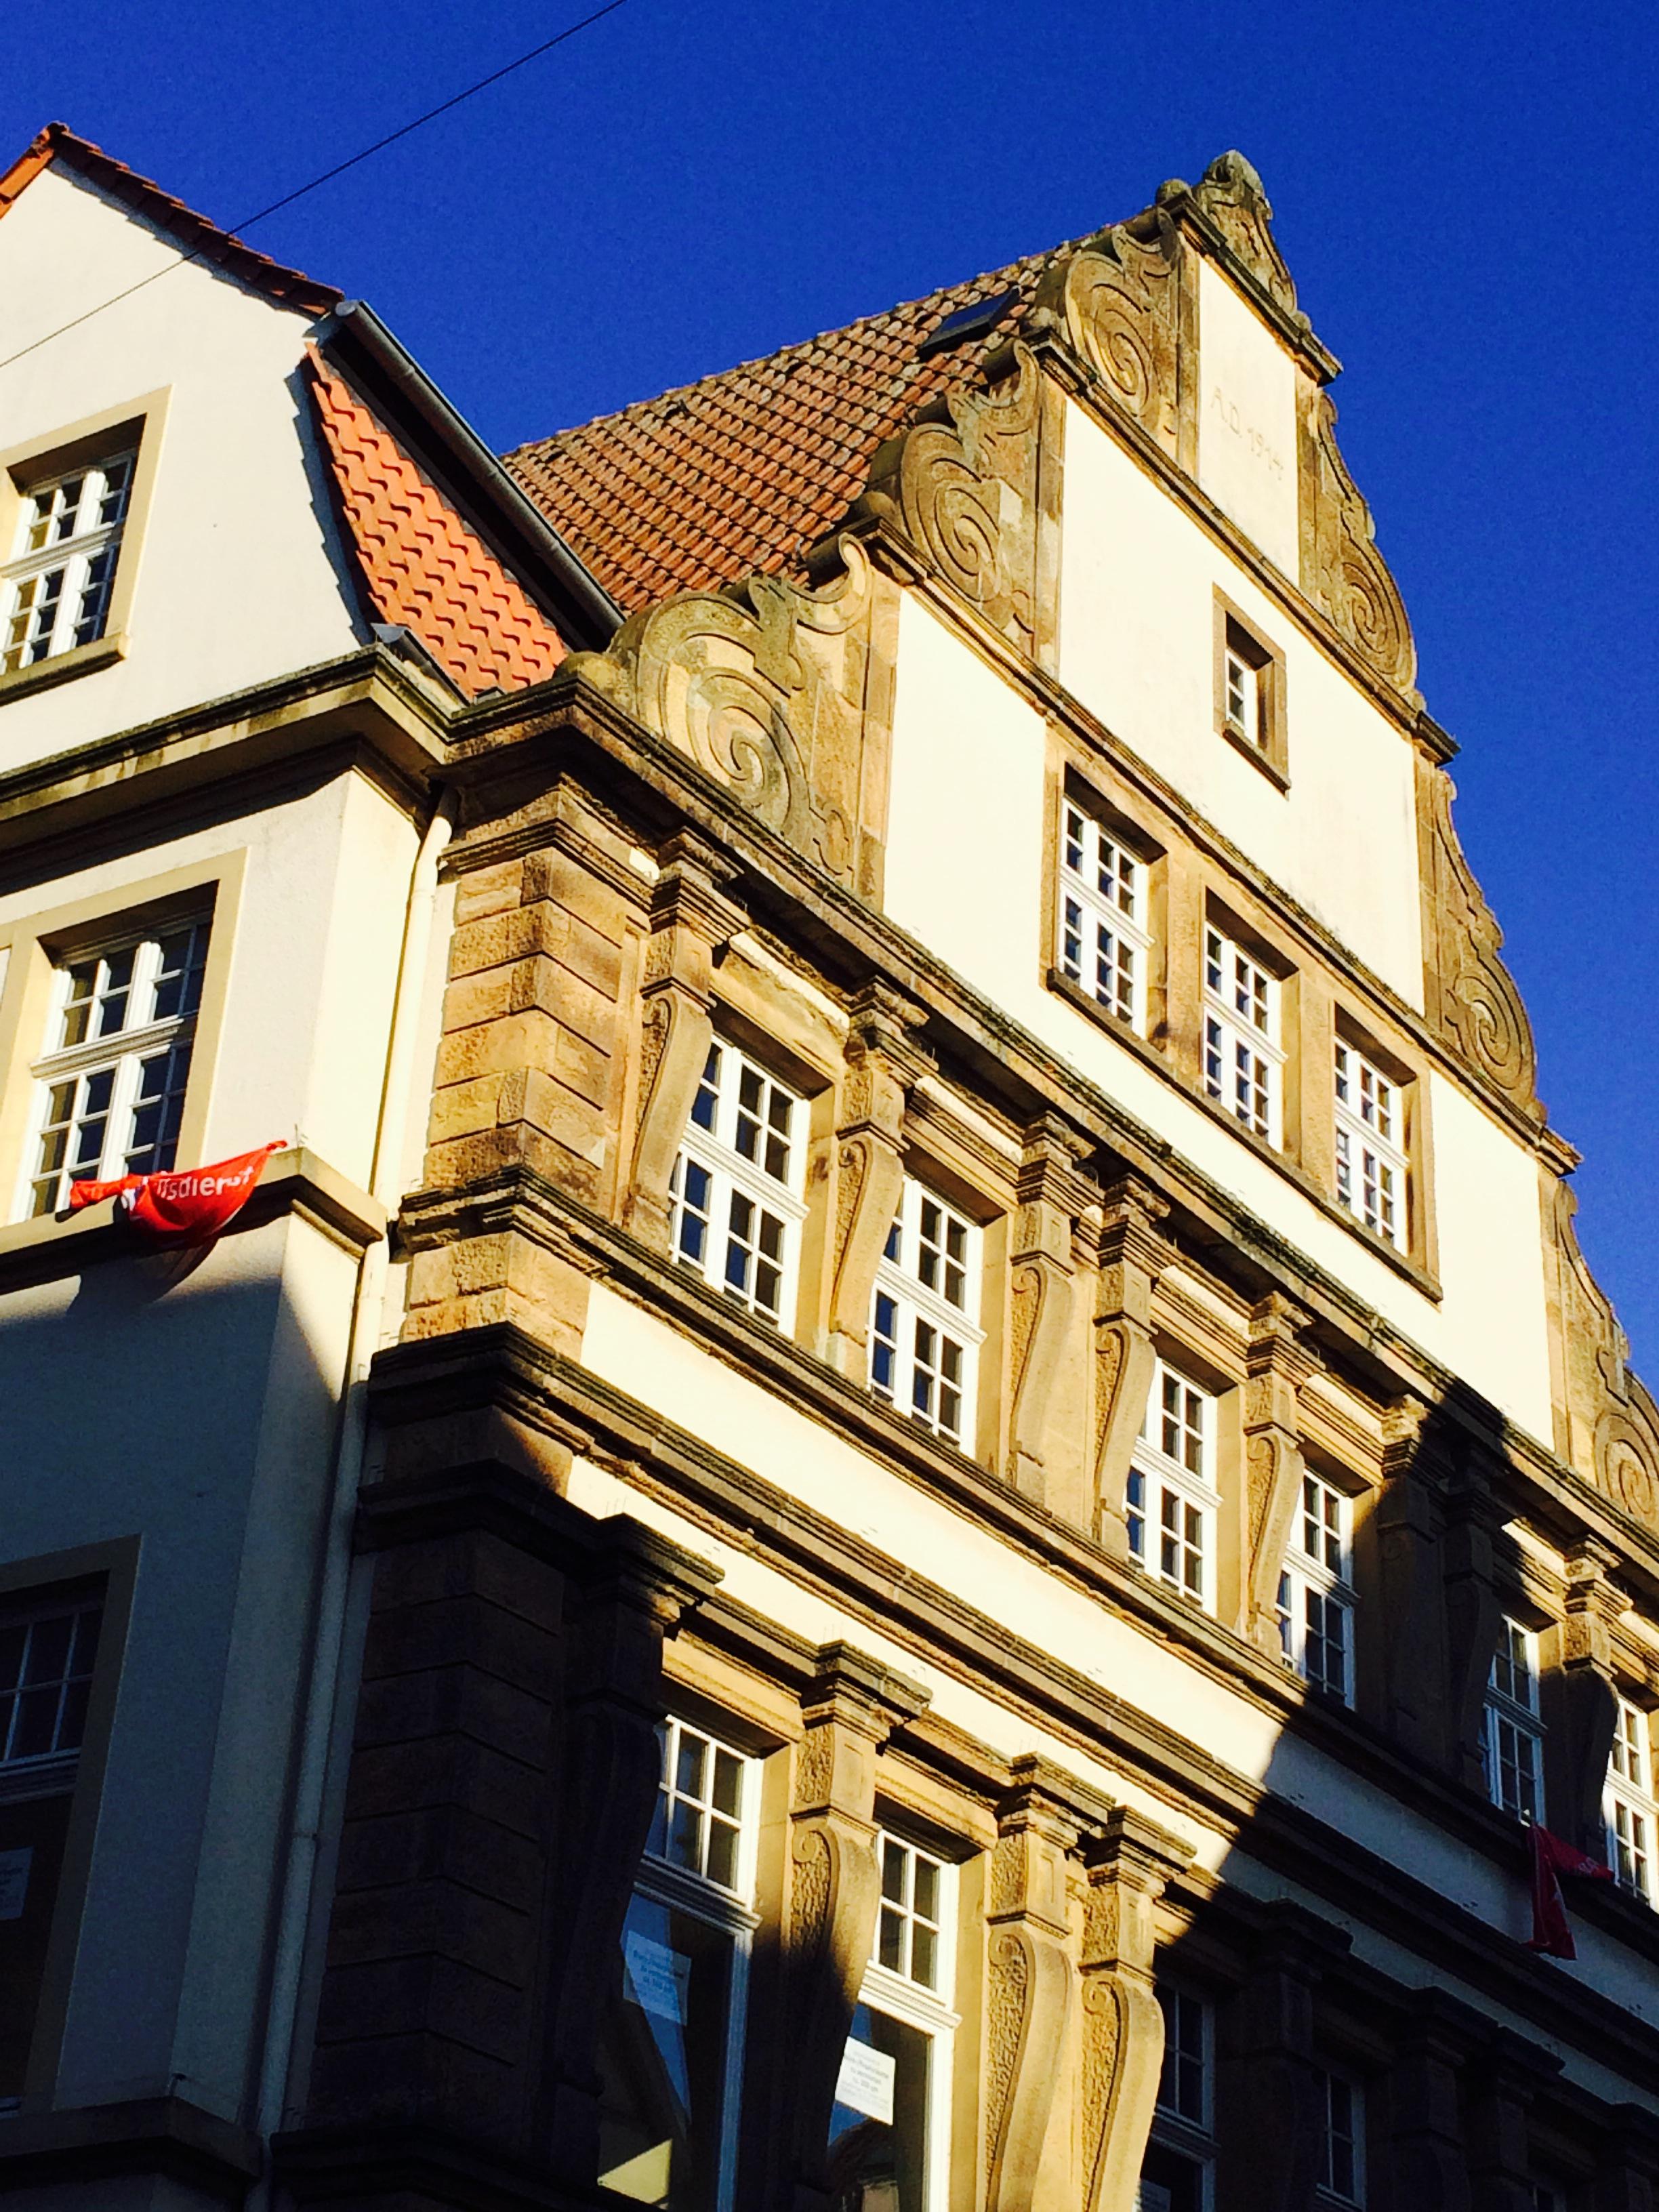 Altes Haus in Soest mit historischer Fassade